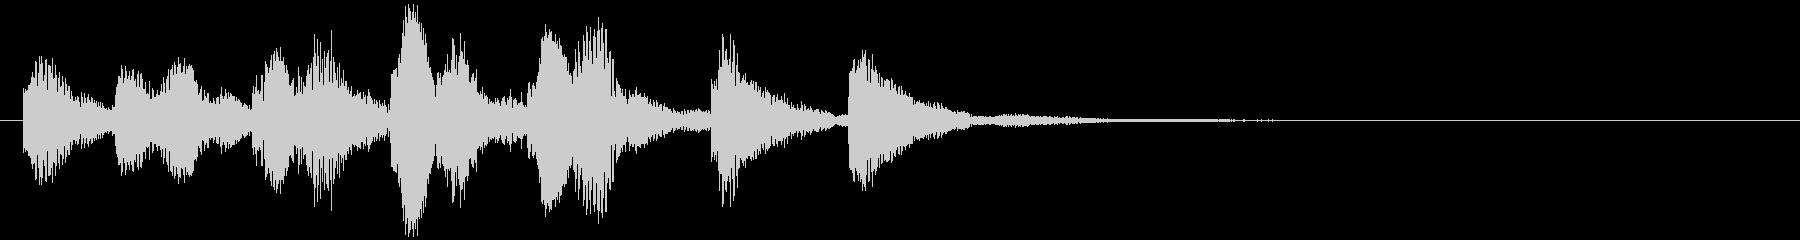 のほほんジングル033_コミカル-3の未再生の波形